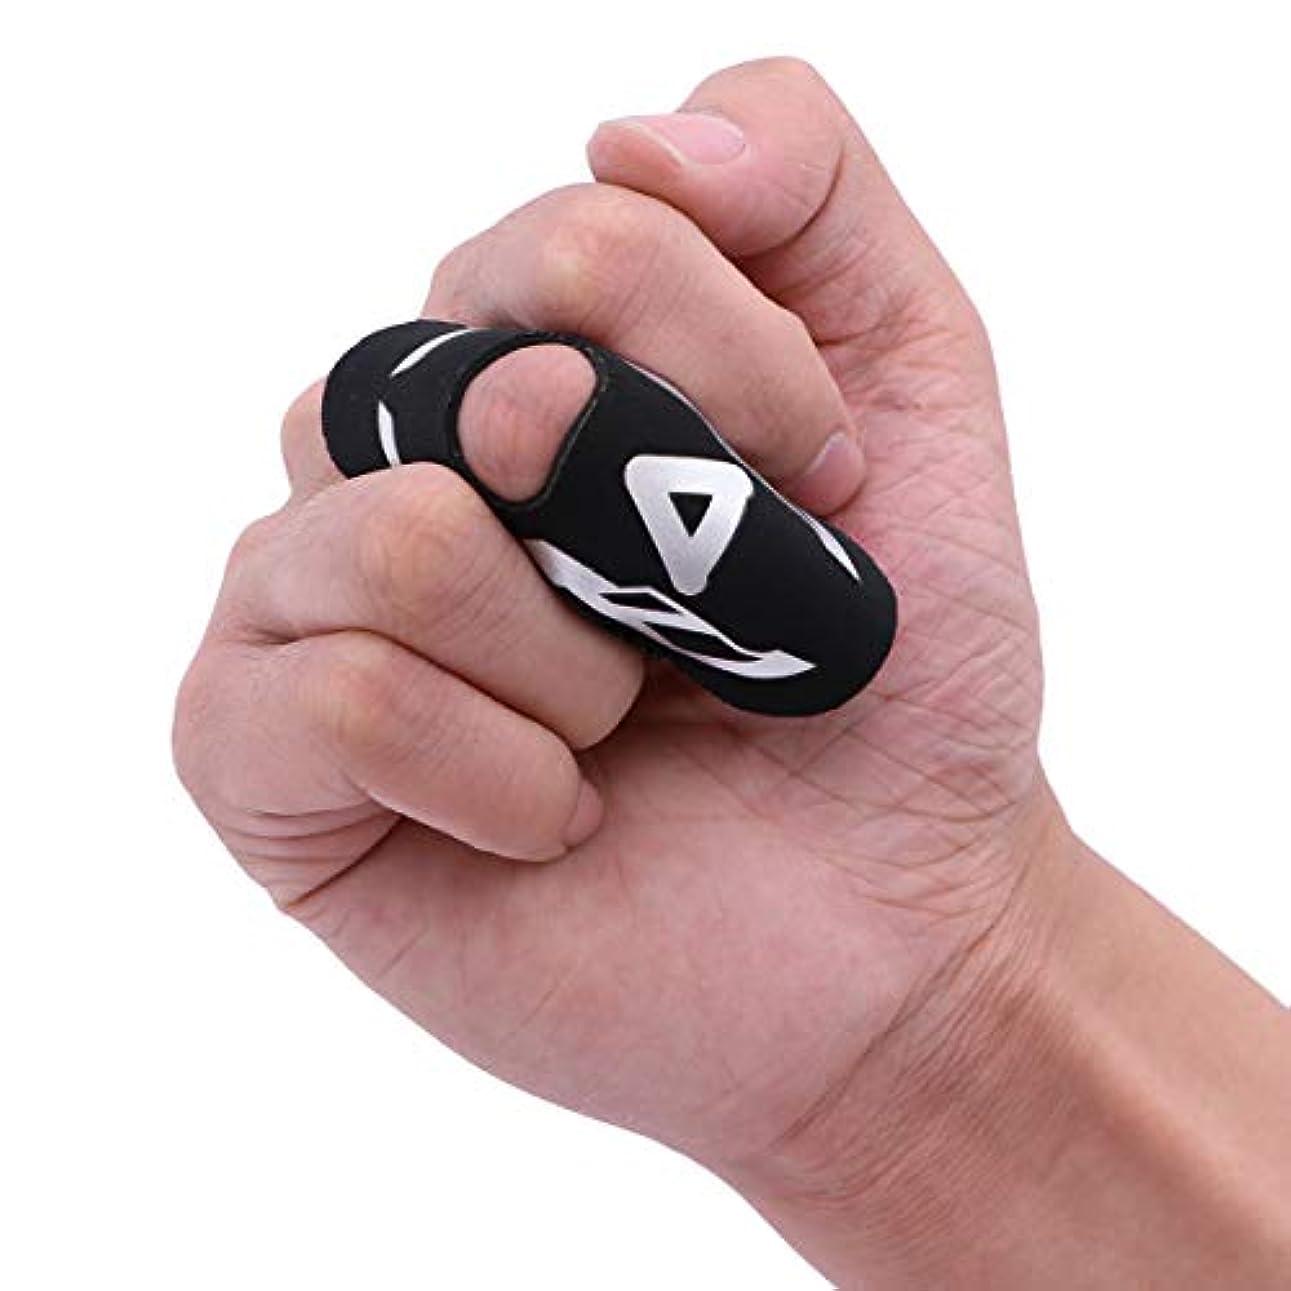 大統領領事館疑問に思うSUPVOX 指の添え木サポートトリガーマレット指ブレース腱痛みを和らげるサイズL/XL